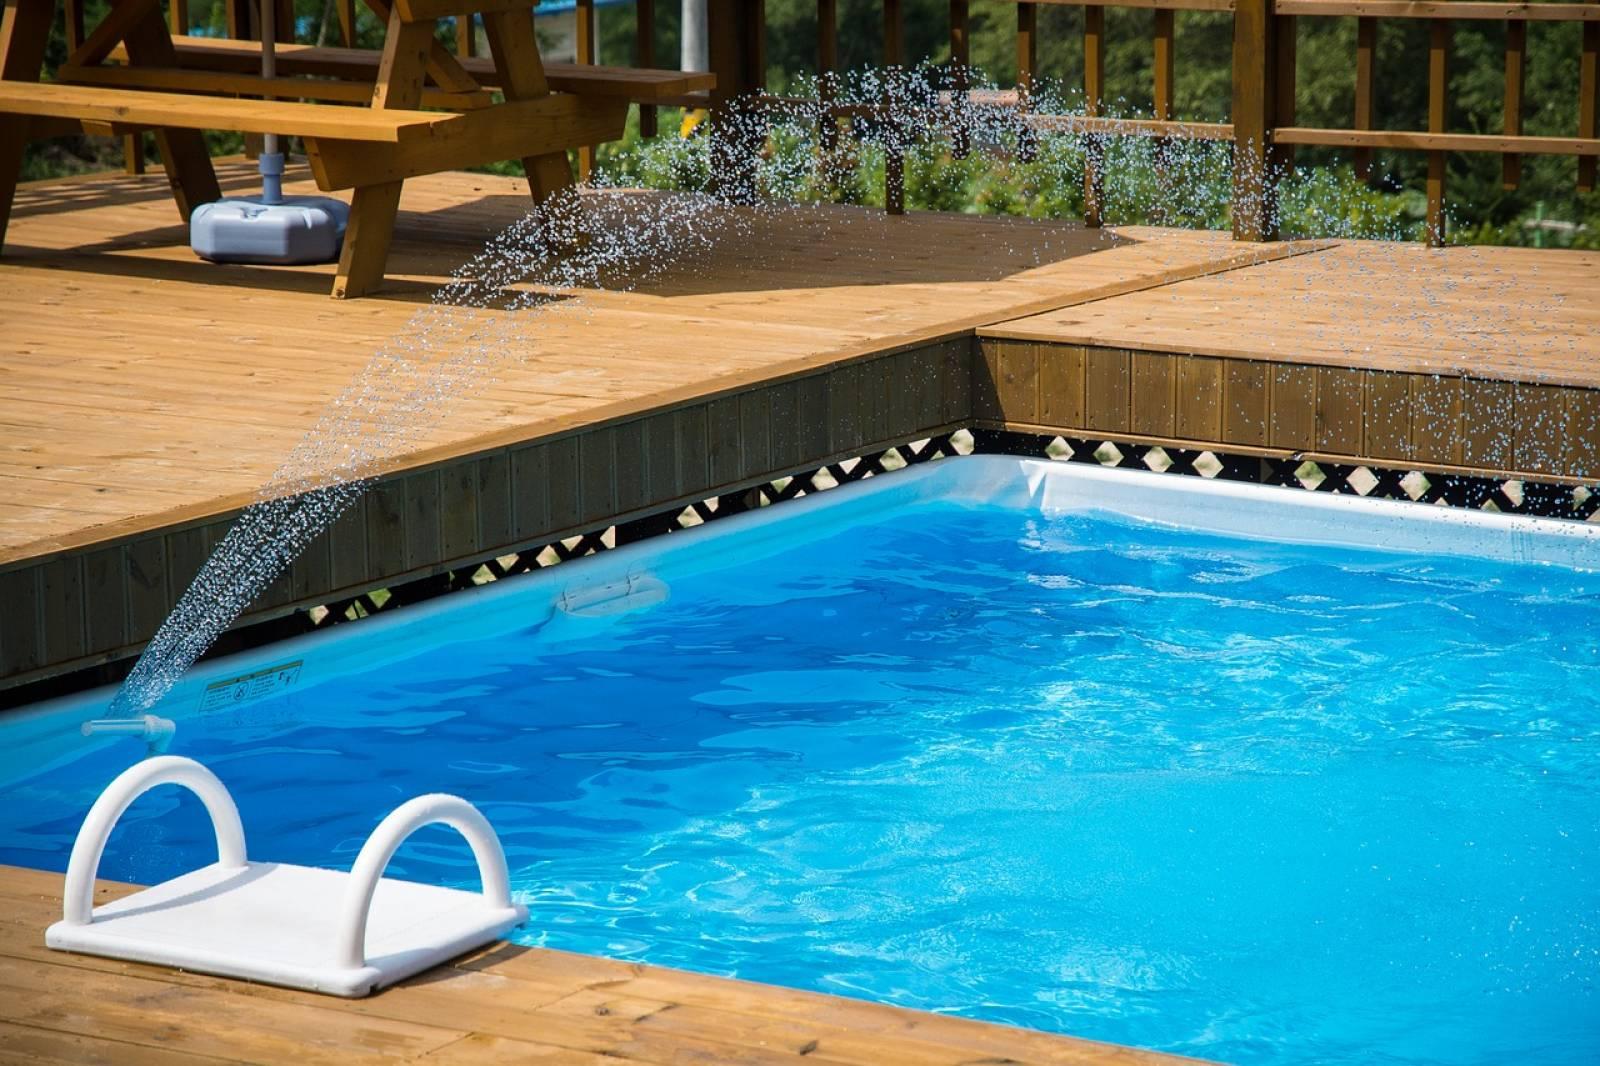 Construction D Une Piscine construction d'une terrasse en bois autour d'une piscine à